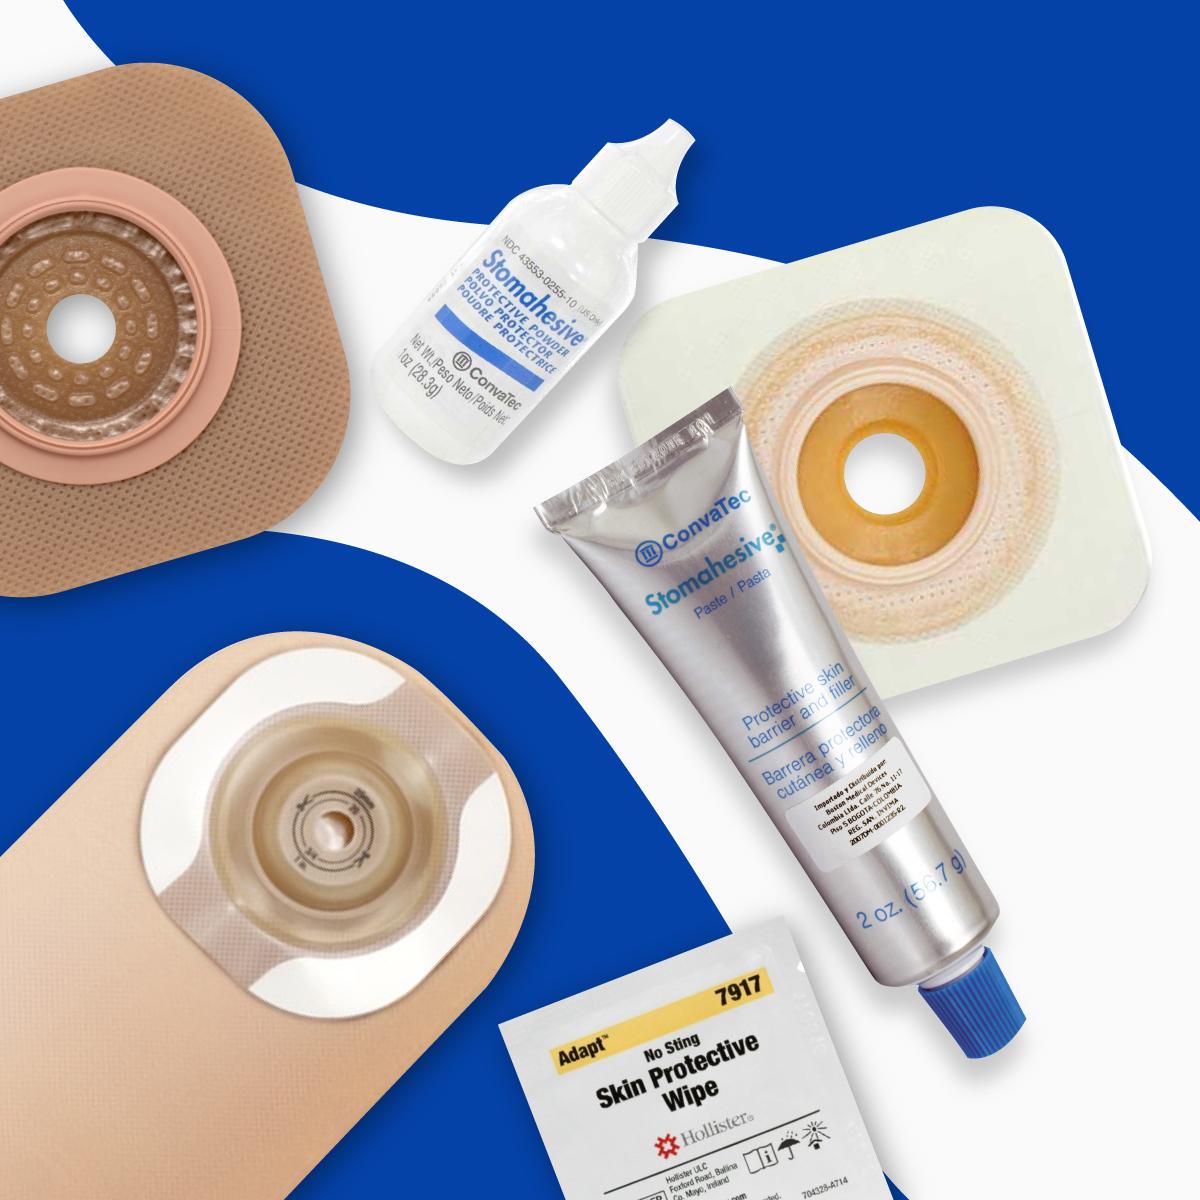 Productos para el cuidado de ostomías